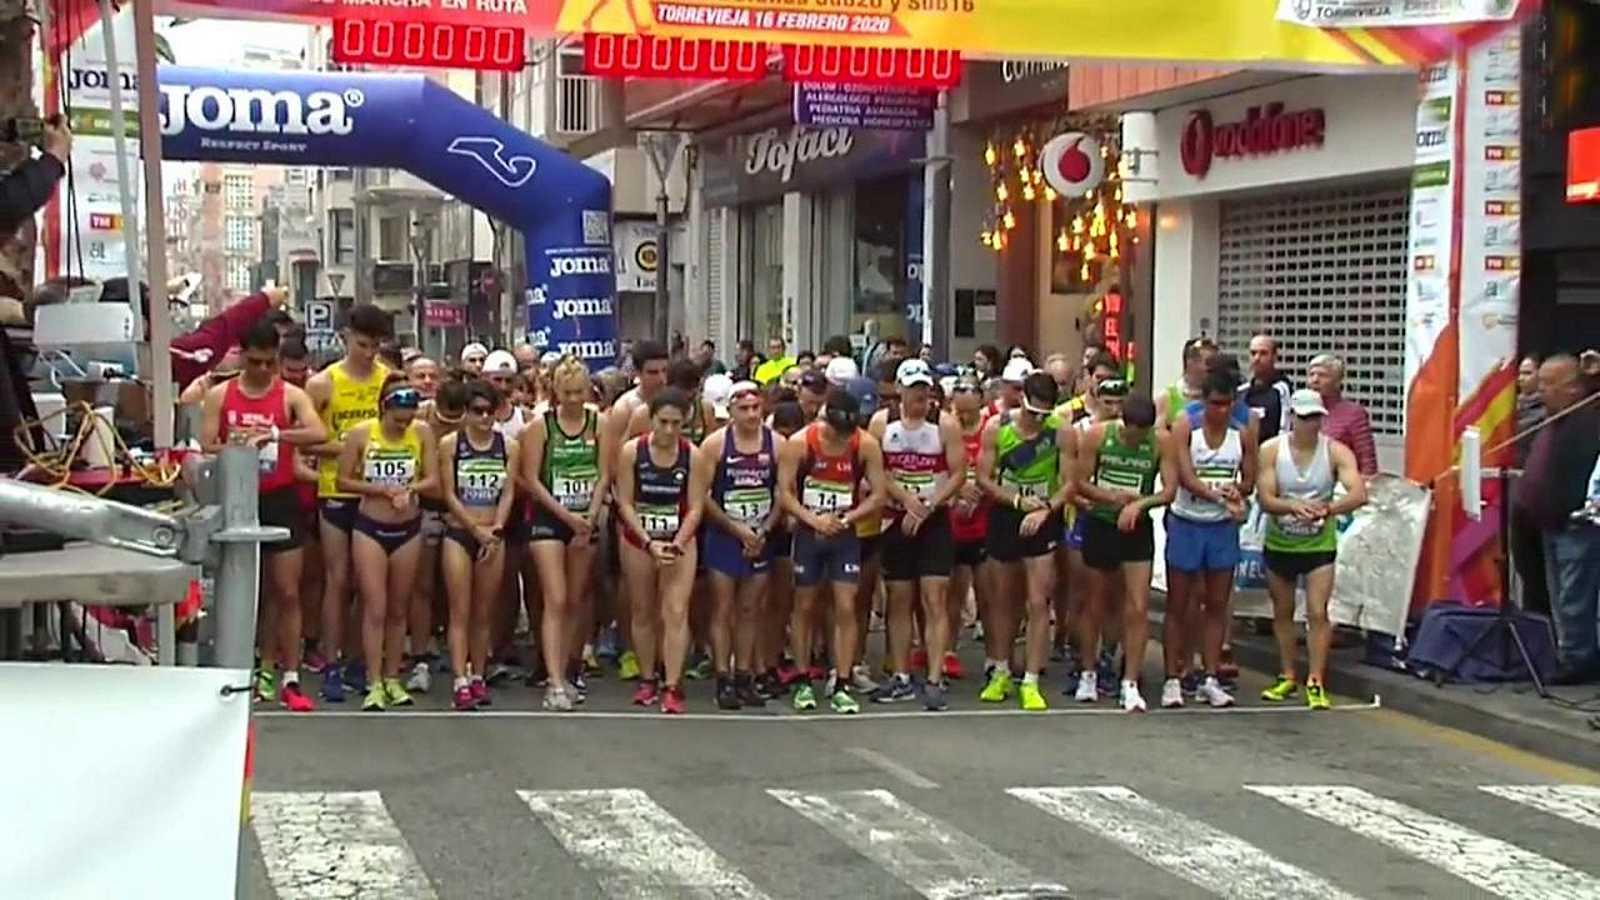 Atletismo - Campeonato de España Marcha 50 Km. Resumen - ver ahora